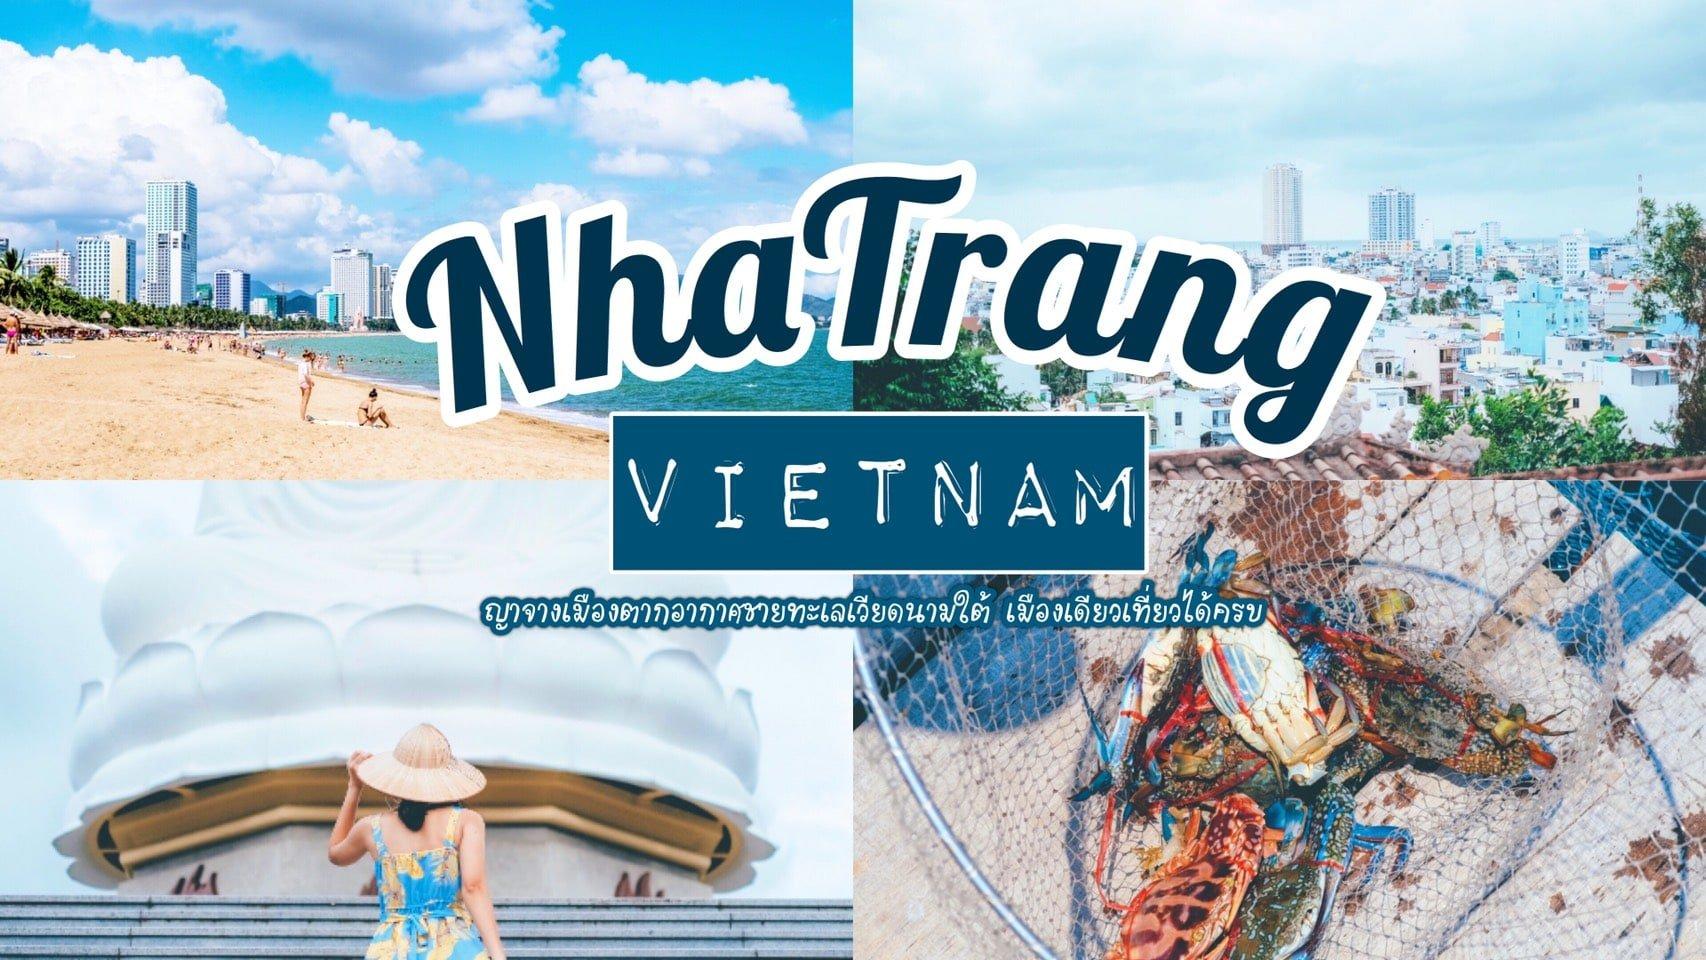 ทัวร์เวียดนาม – ไปทำอะไรดี ที่เมืองญาจาง เวียดนามใต้ เมืองเดียวได้เที่ยวครบ